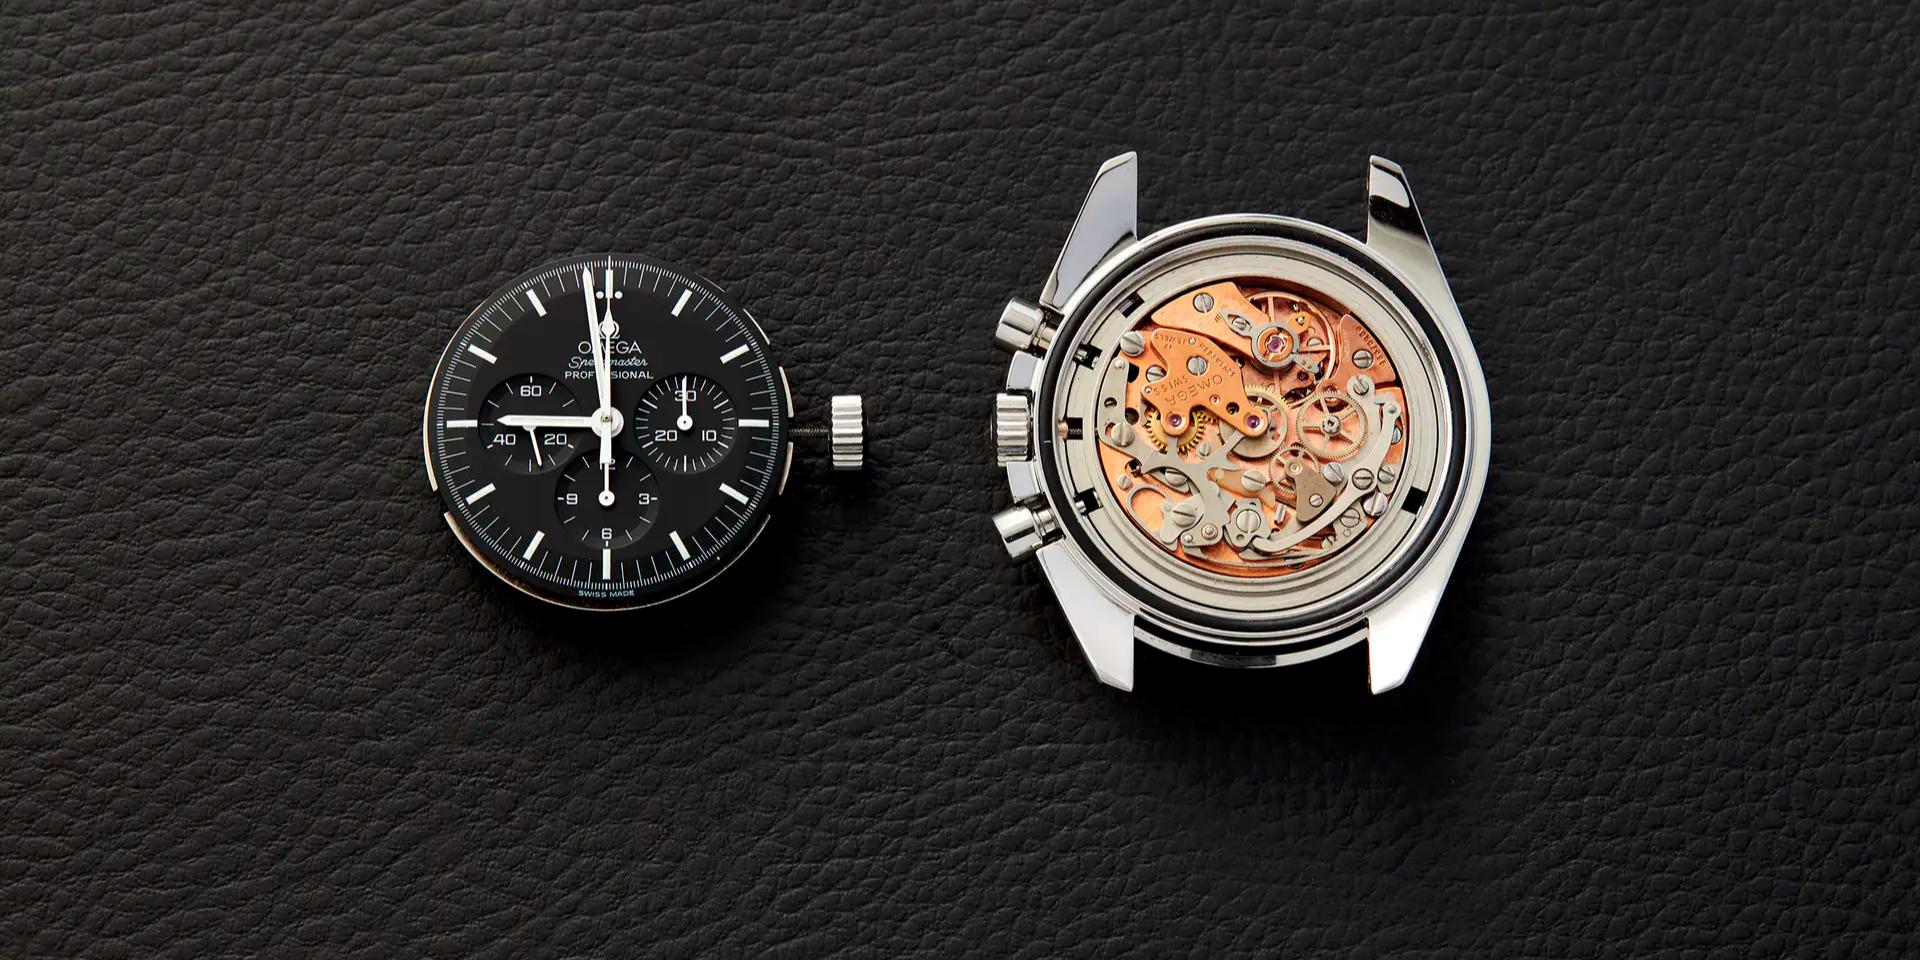 Khám phá nội thất bên trong của 10 chiếc đồng hồ hàng đầu